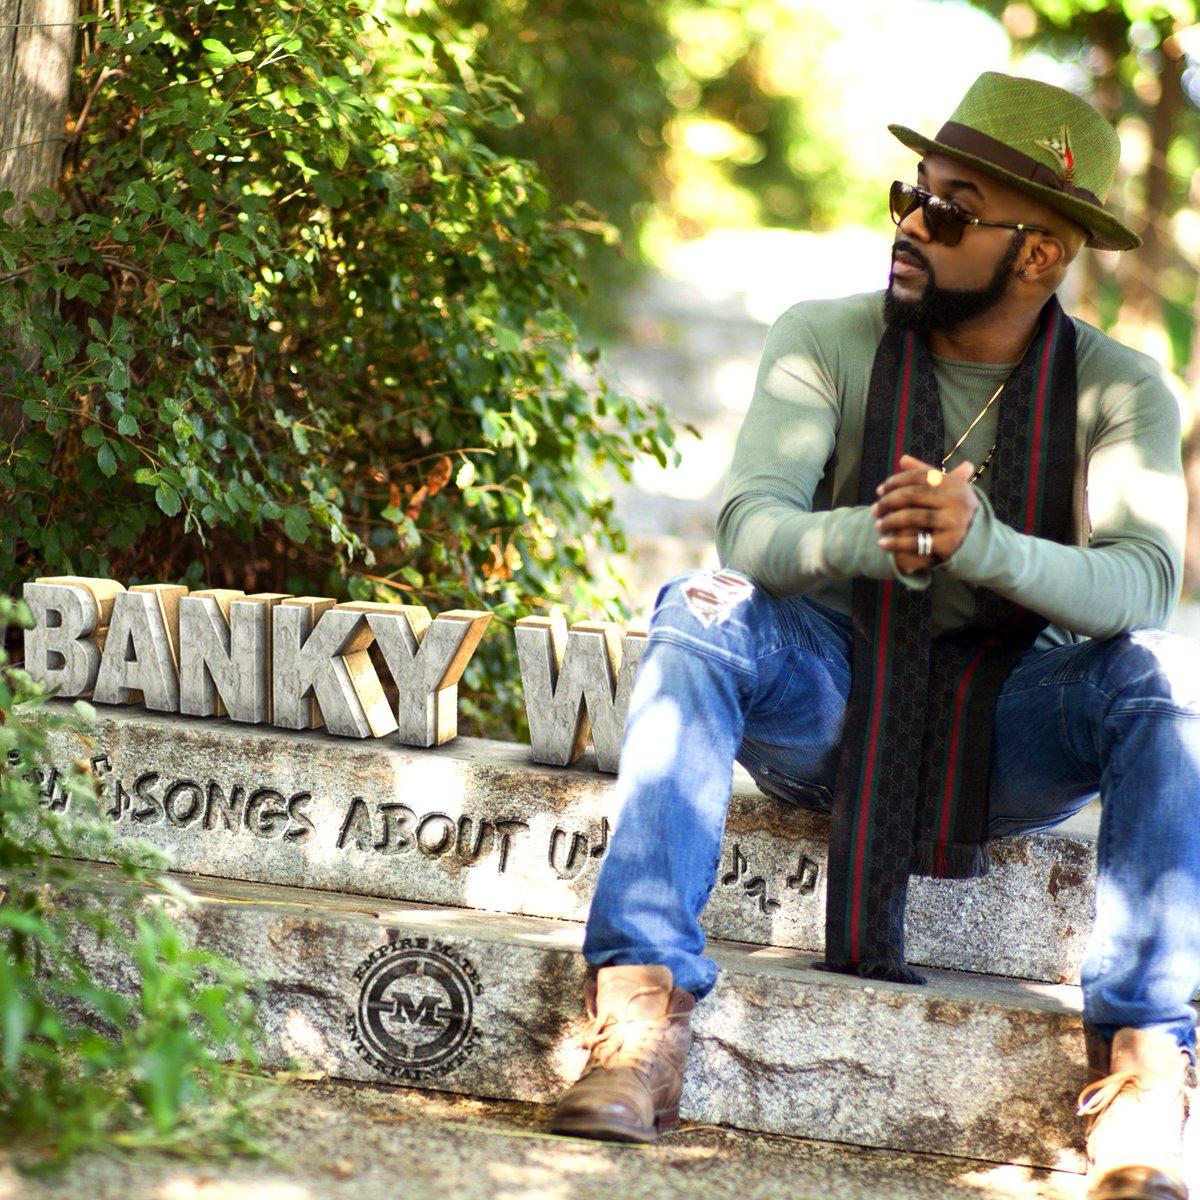 Banky W Ready With New EP, Releases Tracklist - www.djcentiz.com